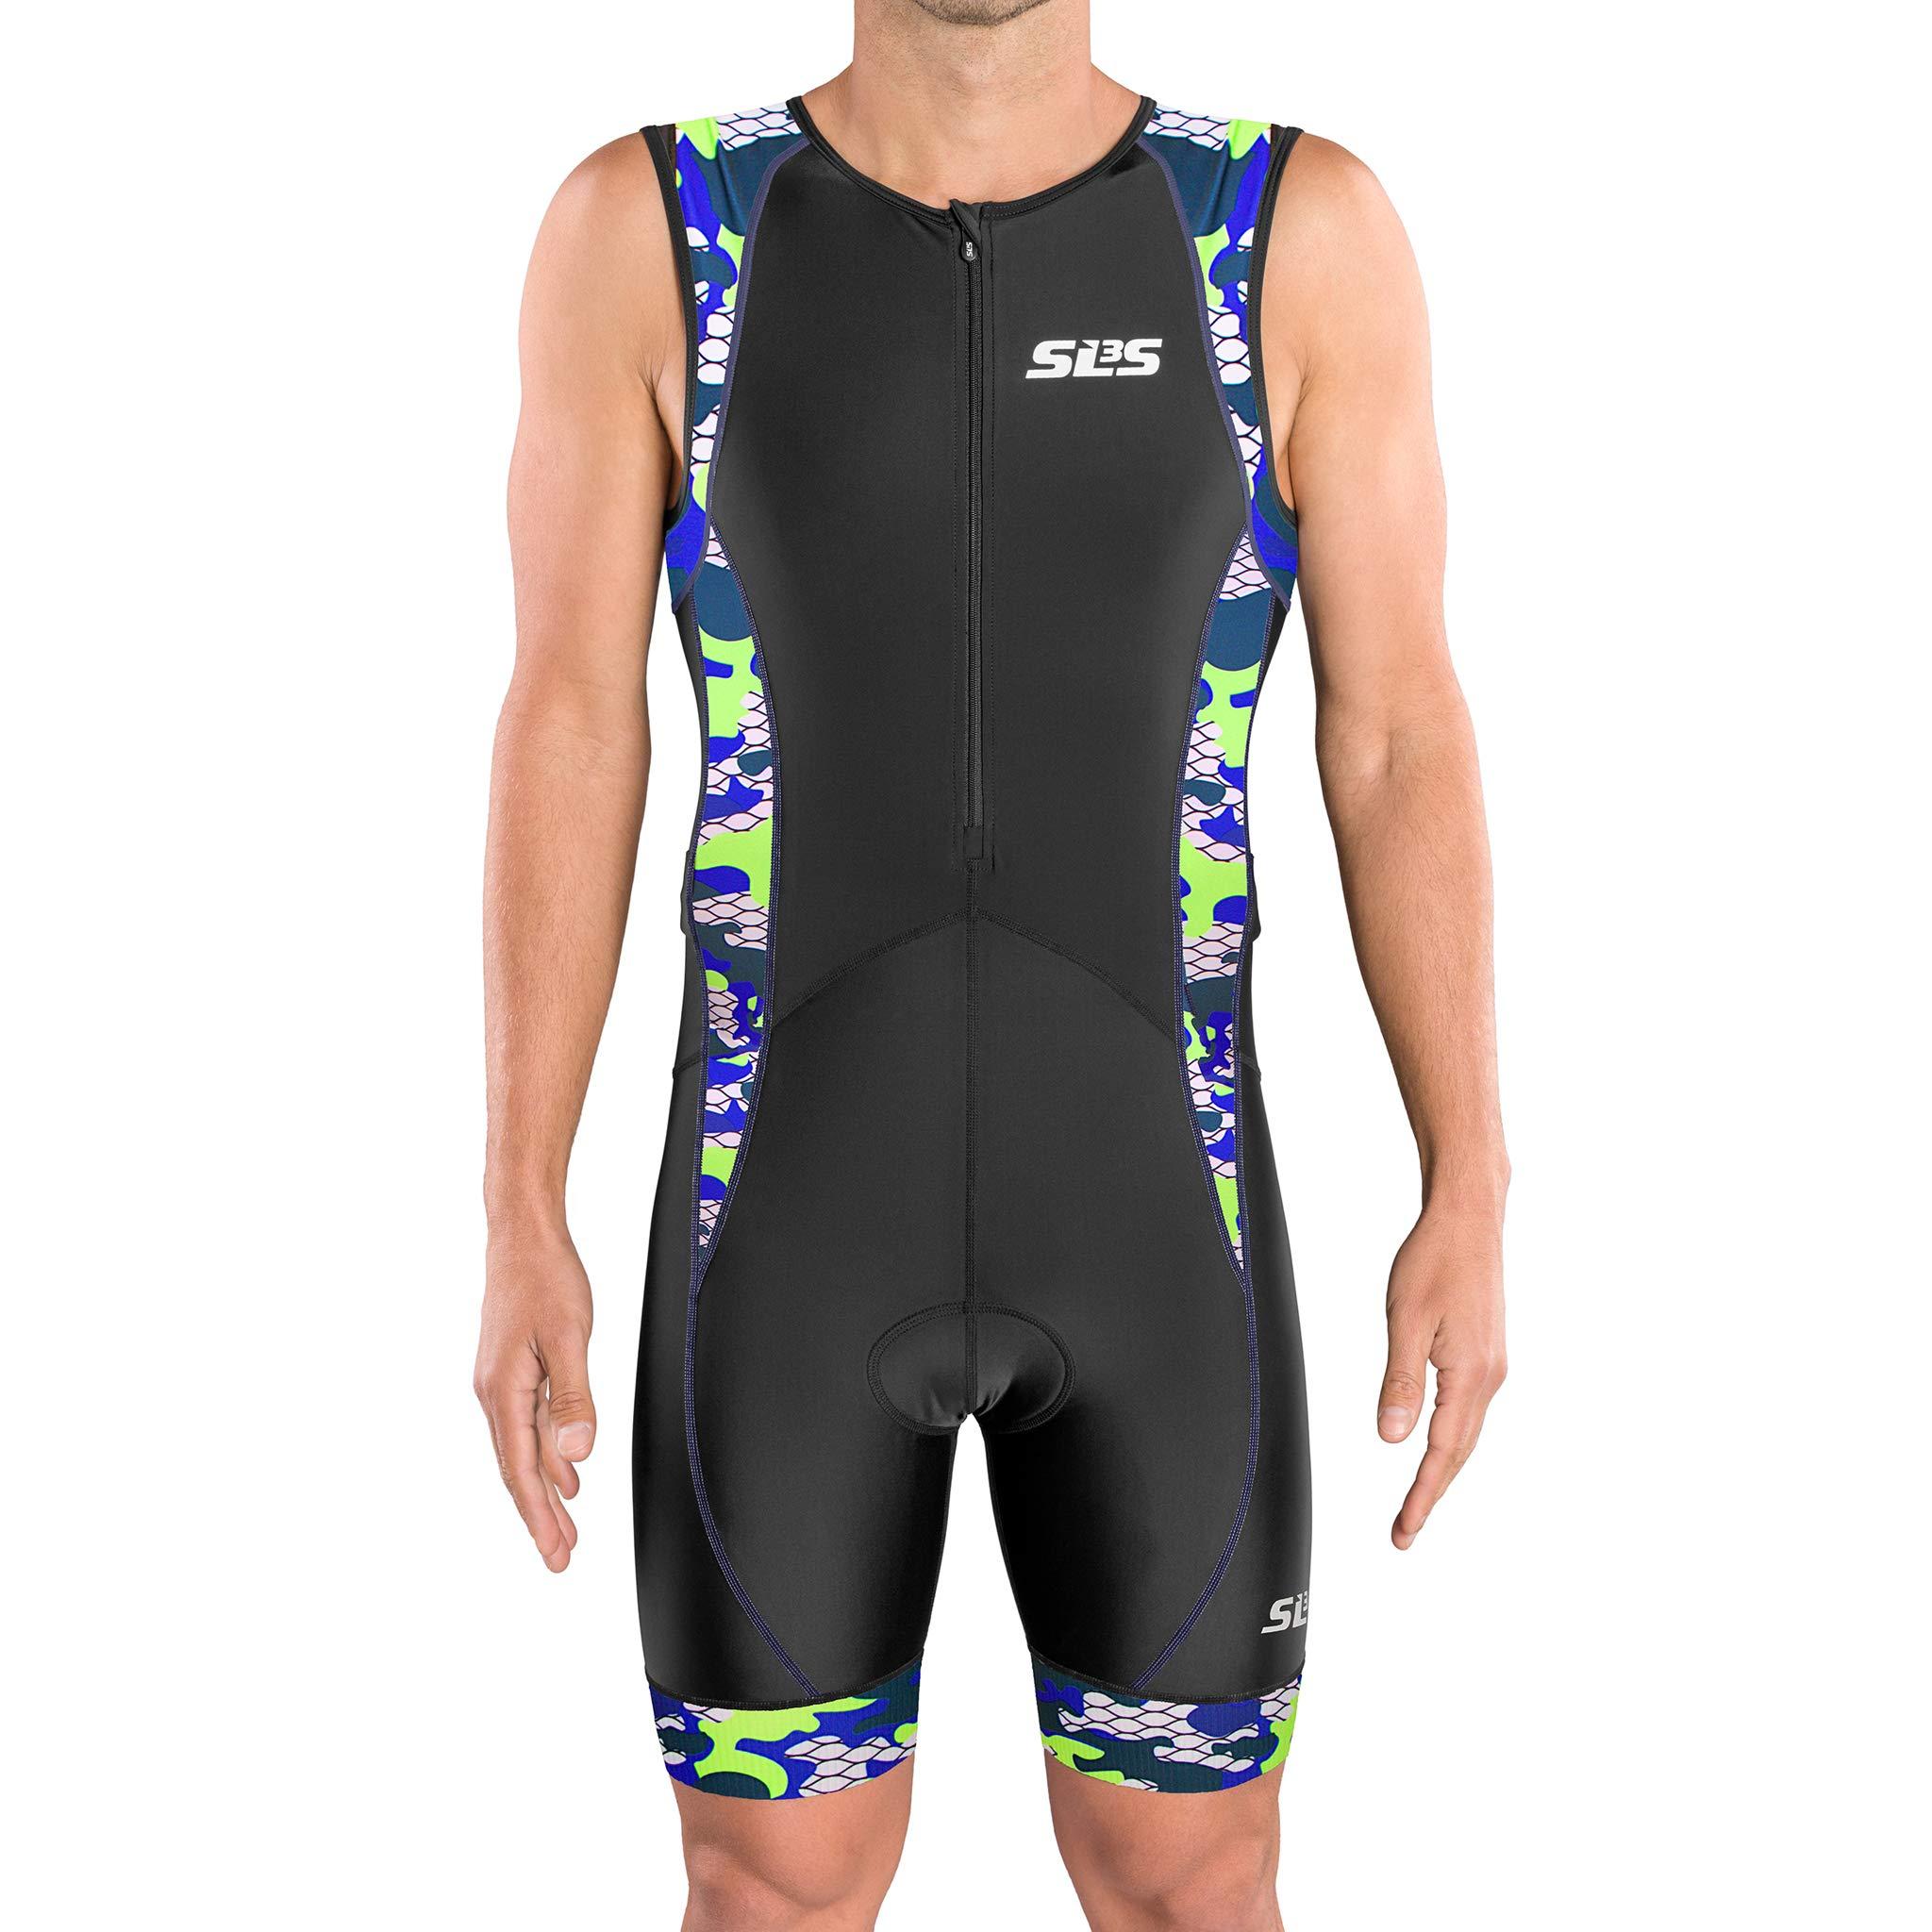 SLS3 Men`s Triathlon Tri Suit FX | Trisuit | 2 Pockets | Soft Custom Chamois | German Designed (Black/Blue Camo, XL)